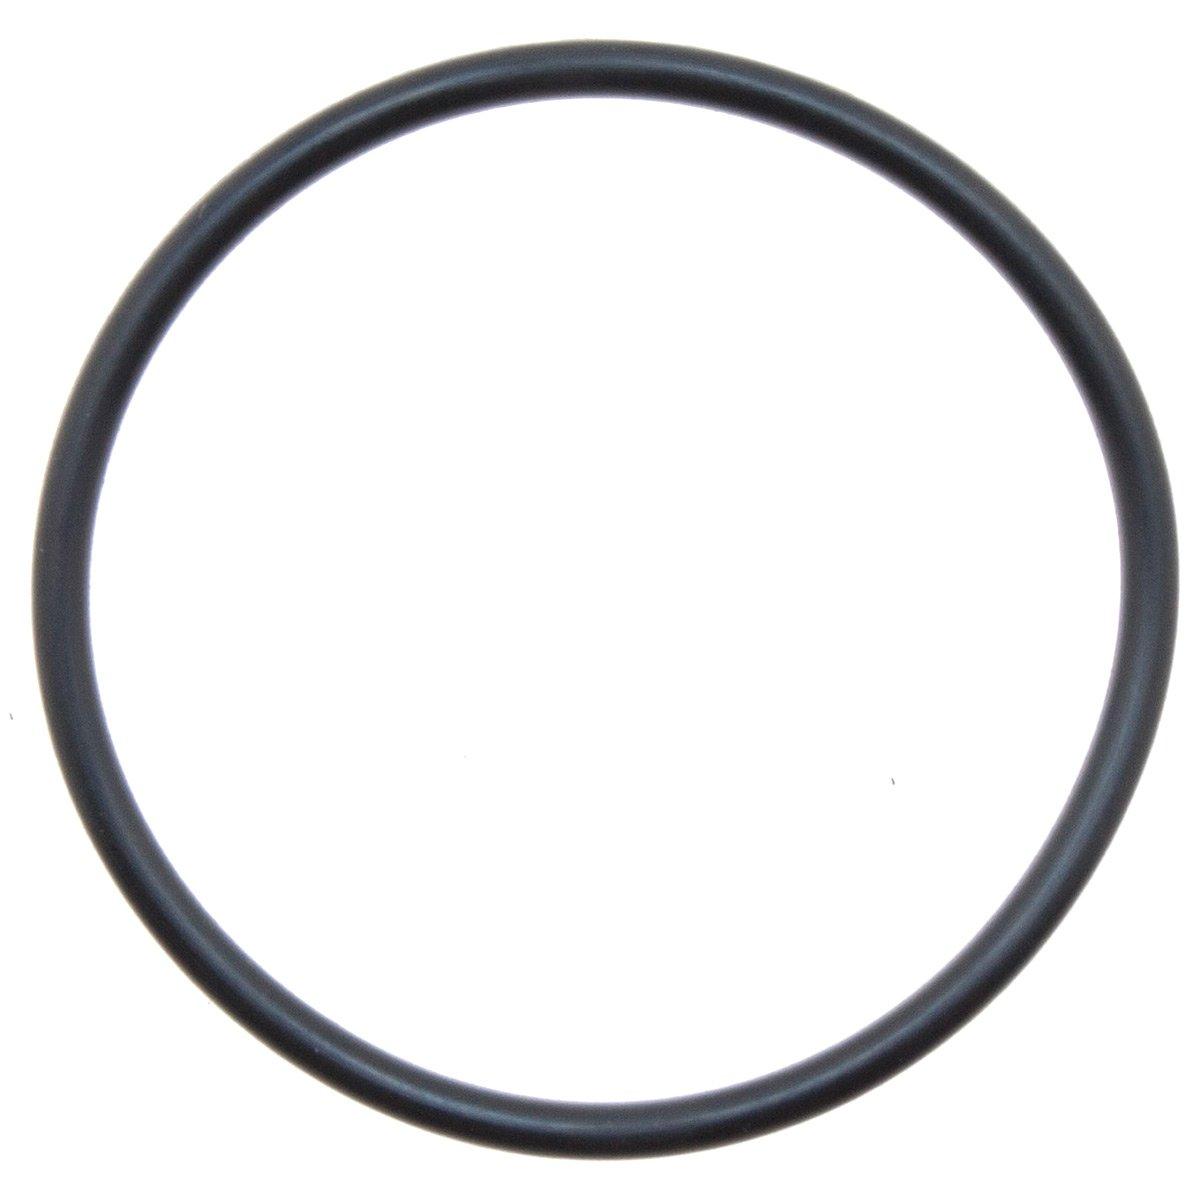 Dichtringe / O-Ringe 68 x 4 mm NBR 70, Menge 10 Stü ck Diehr & Rabenstein